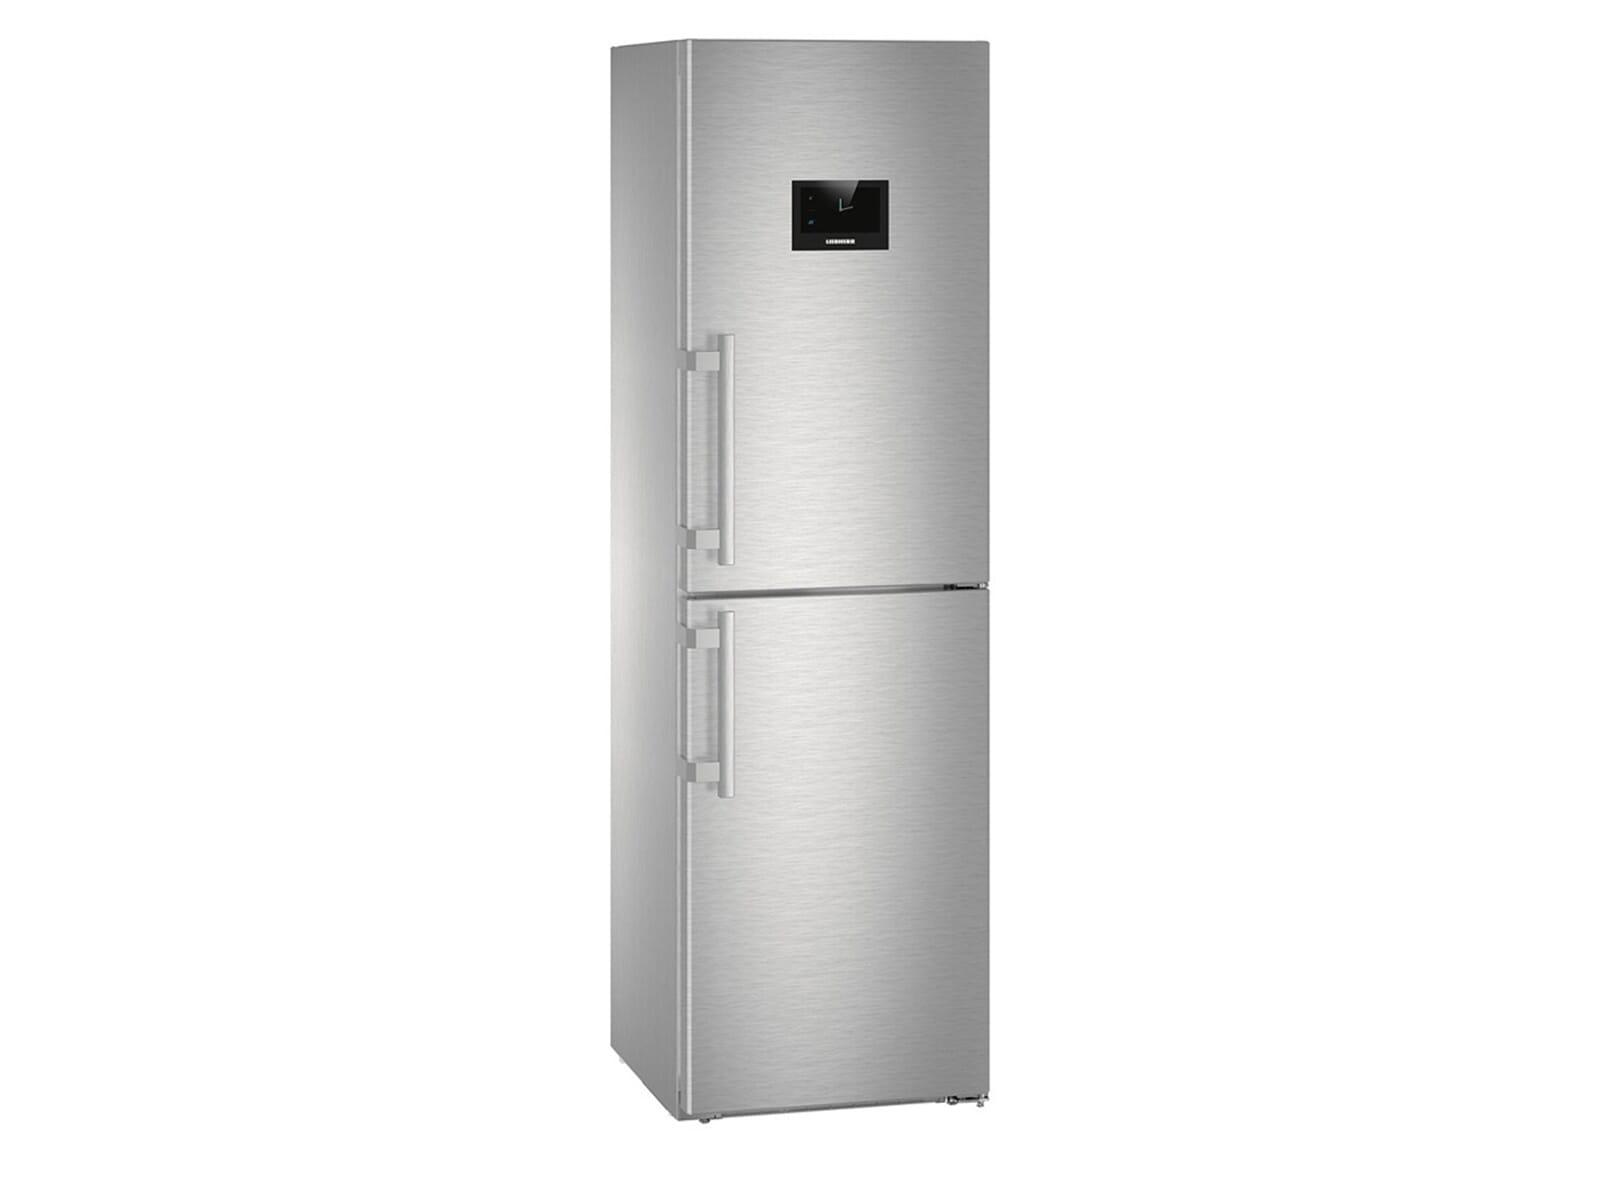 Liebherr Kühlschrank Edelstahl : Liebherr cnpes premium kühl gefrierkombination edelstahl a